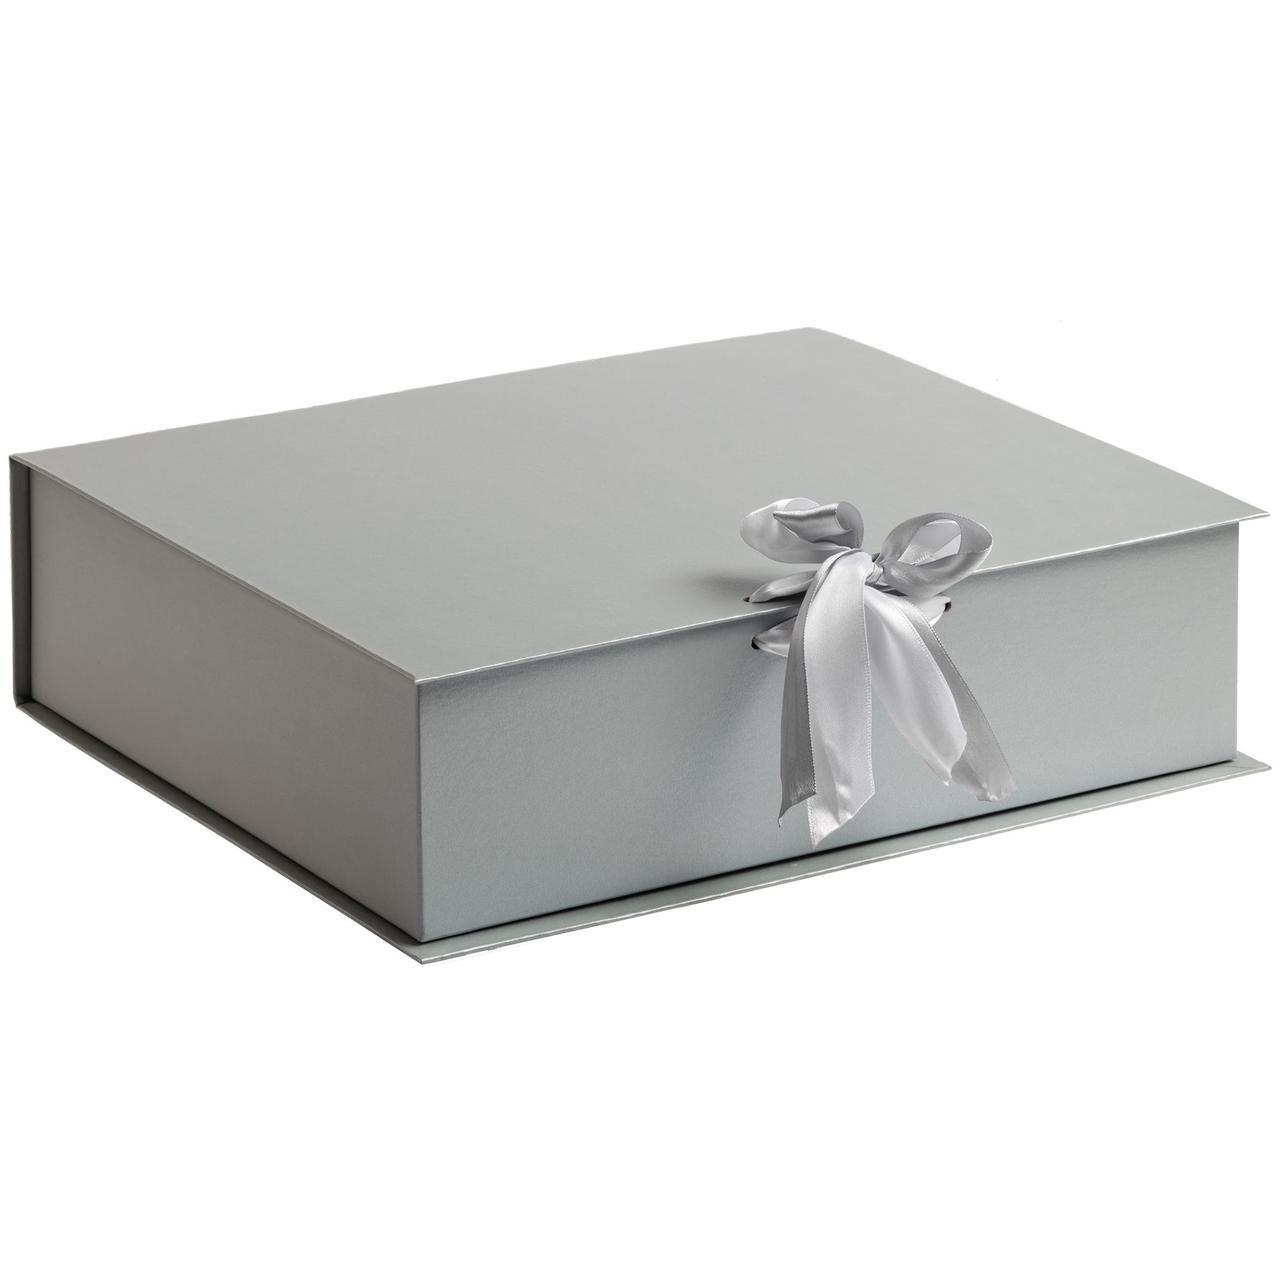 Коробка на лентах Tie Up, серебристая (артикул 10600.10)